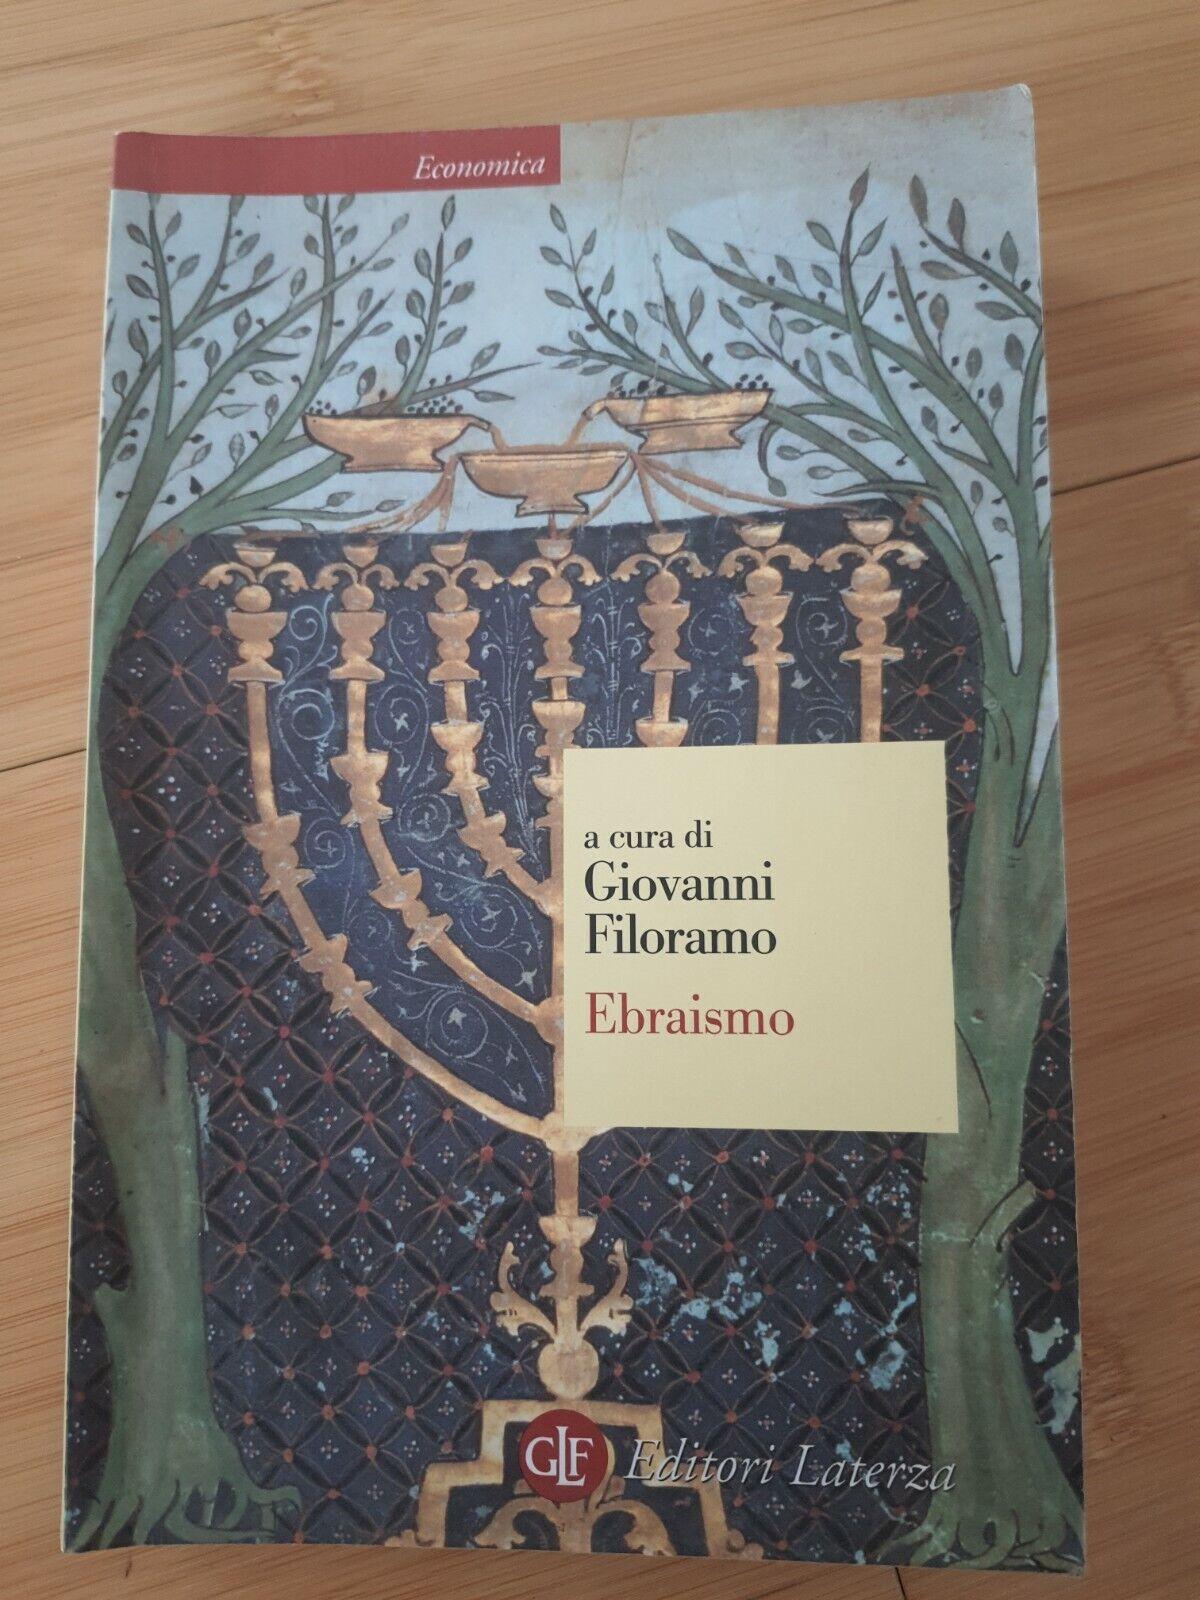 Ebraismo - a cura di giovanni filoramo